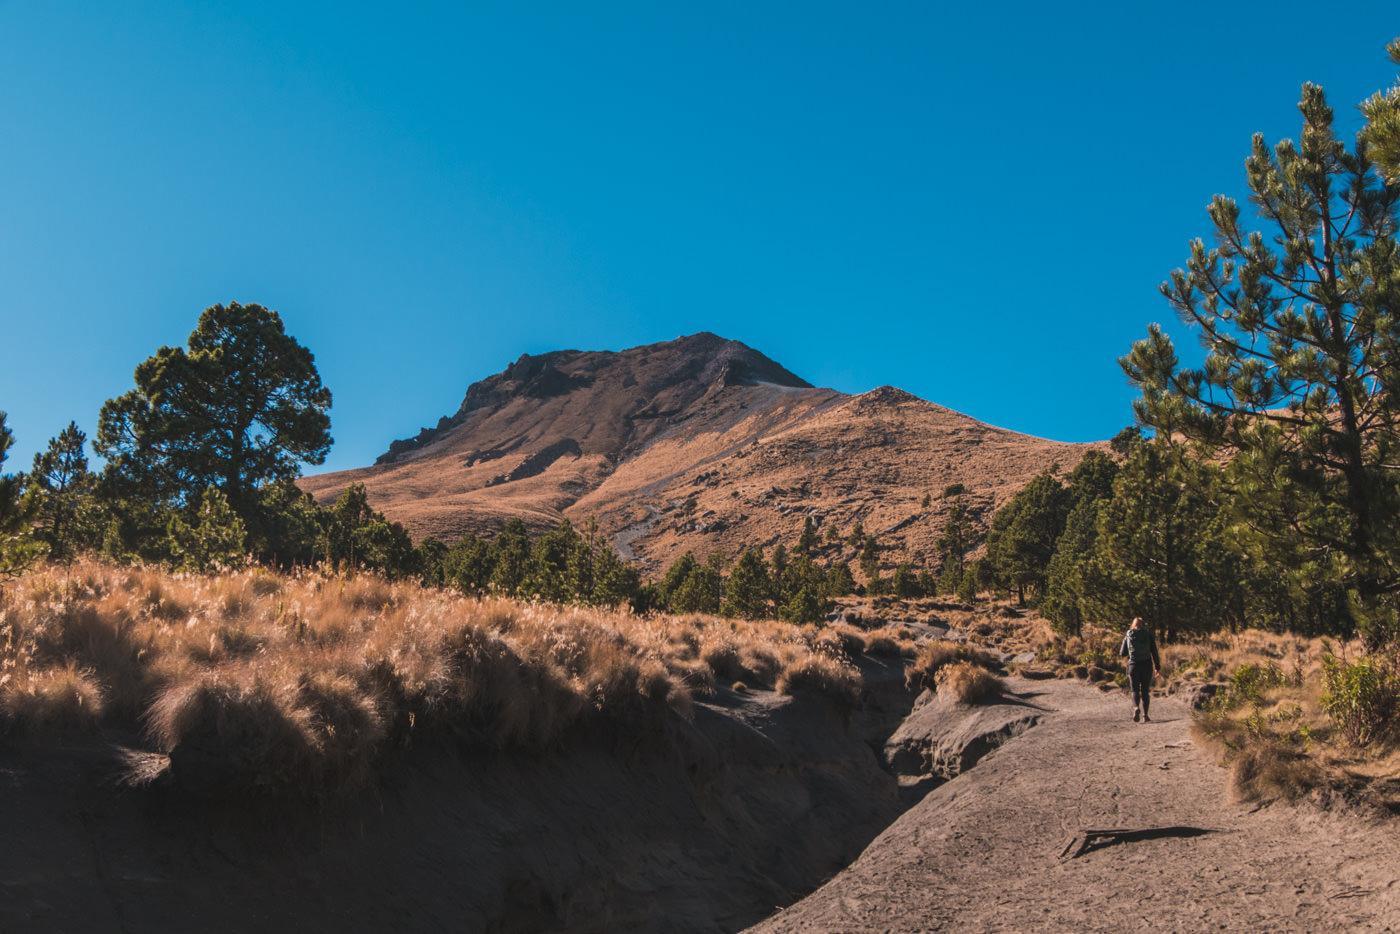 Blick auf den Vulkan La Malinche in Puebla